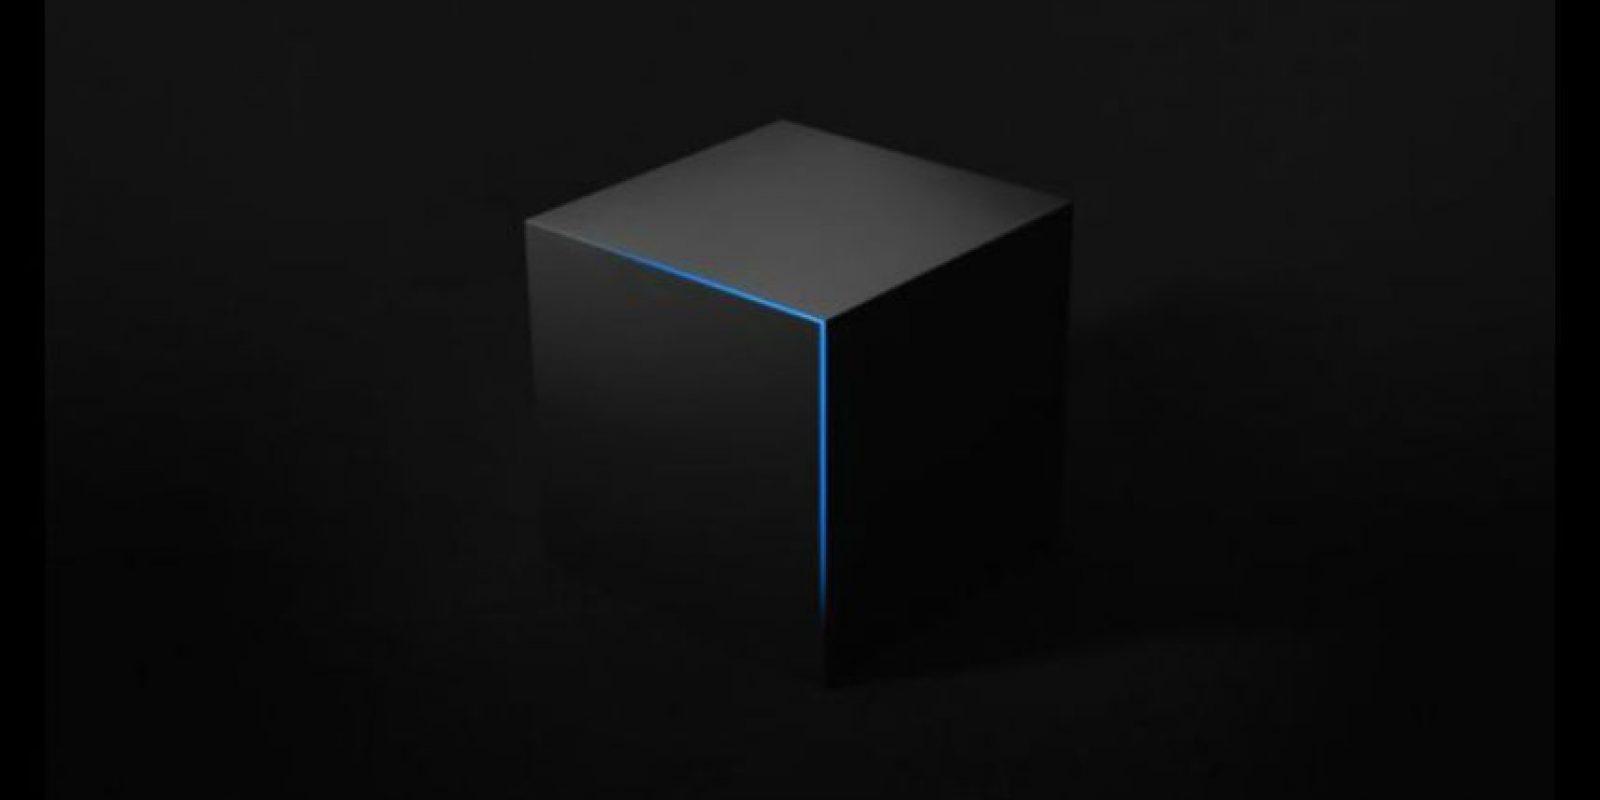 """Así se anuncia el """"Unpacked"""" del próximo 21 de febrero. Se presentará el próximo Samsung Galaxy. Foto:Samsung"""